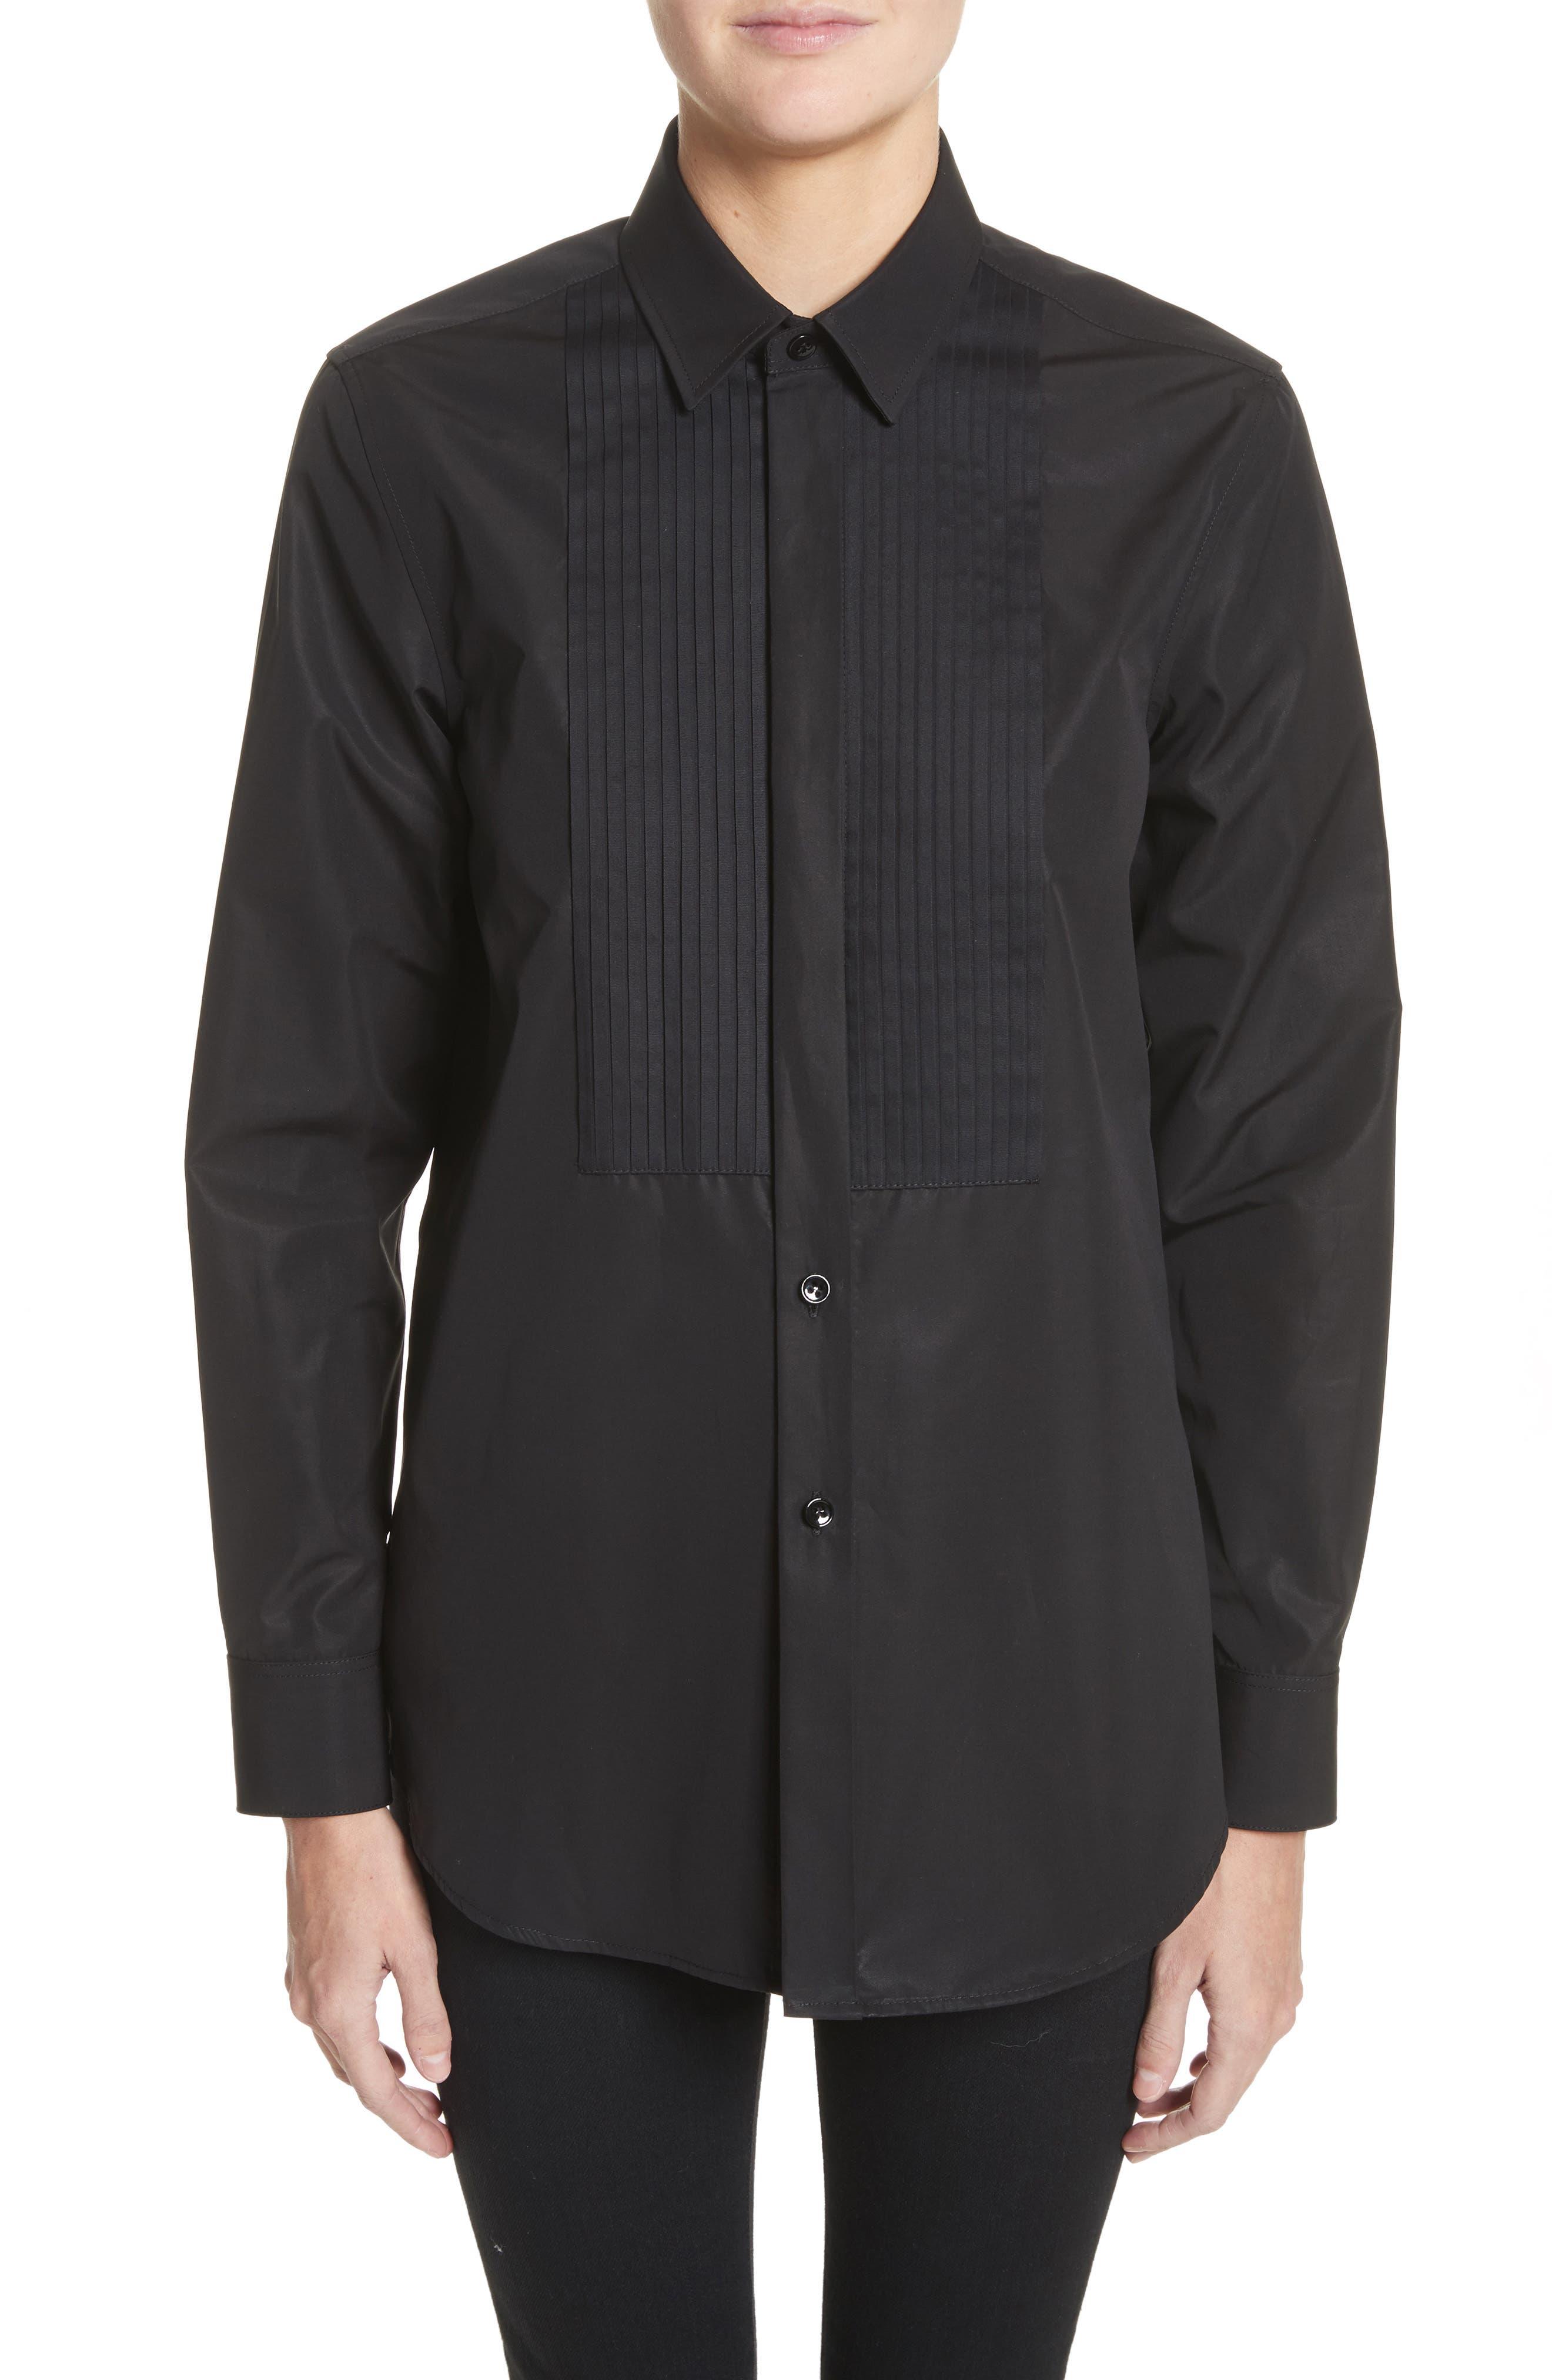 Main Image - Saint Laurent Cotton Tuxedo Shirt